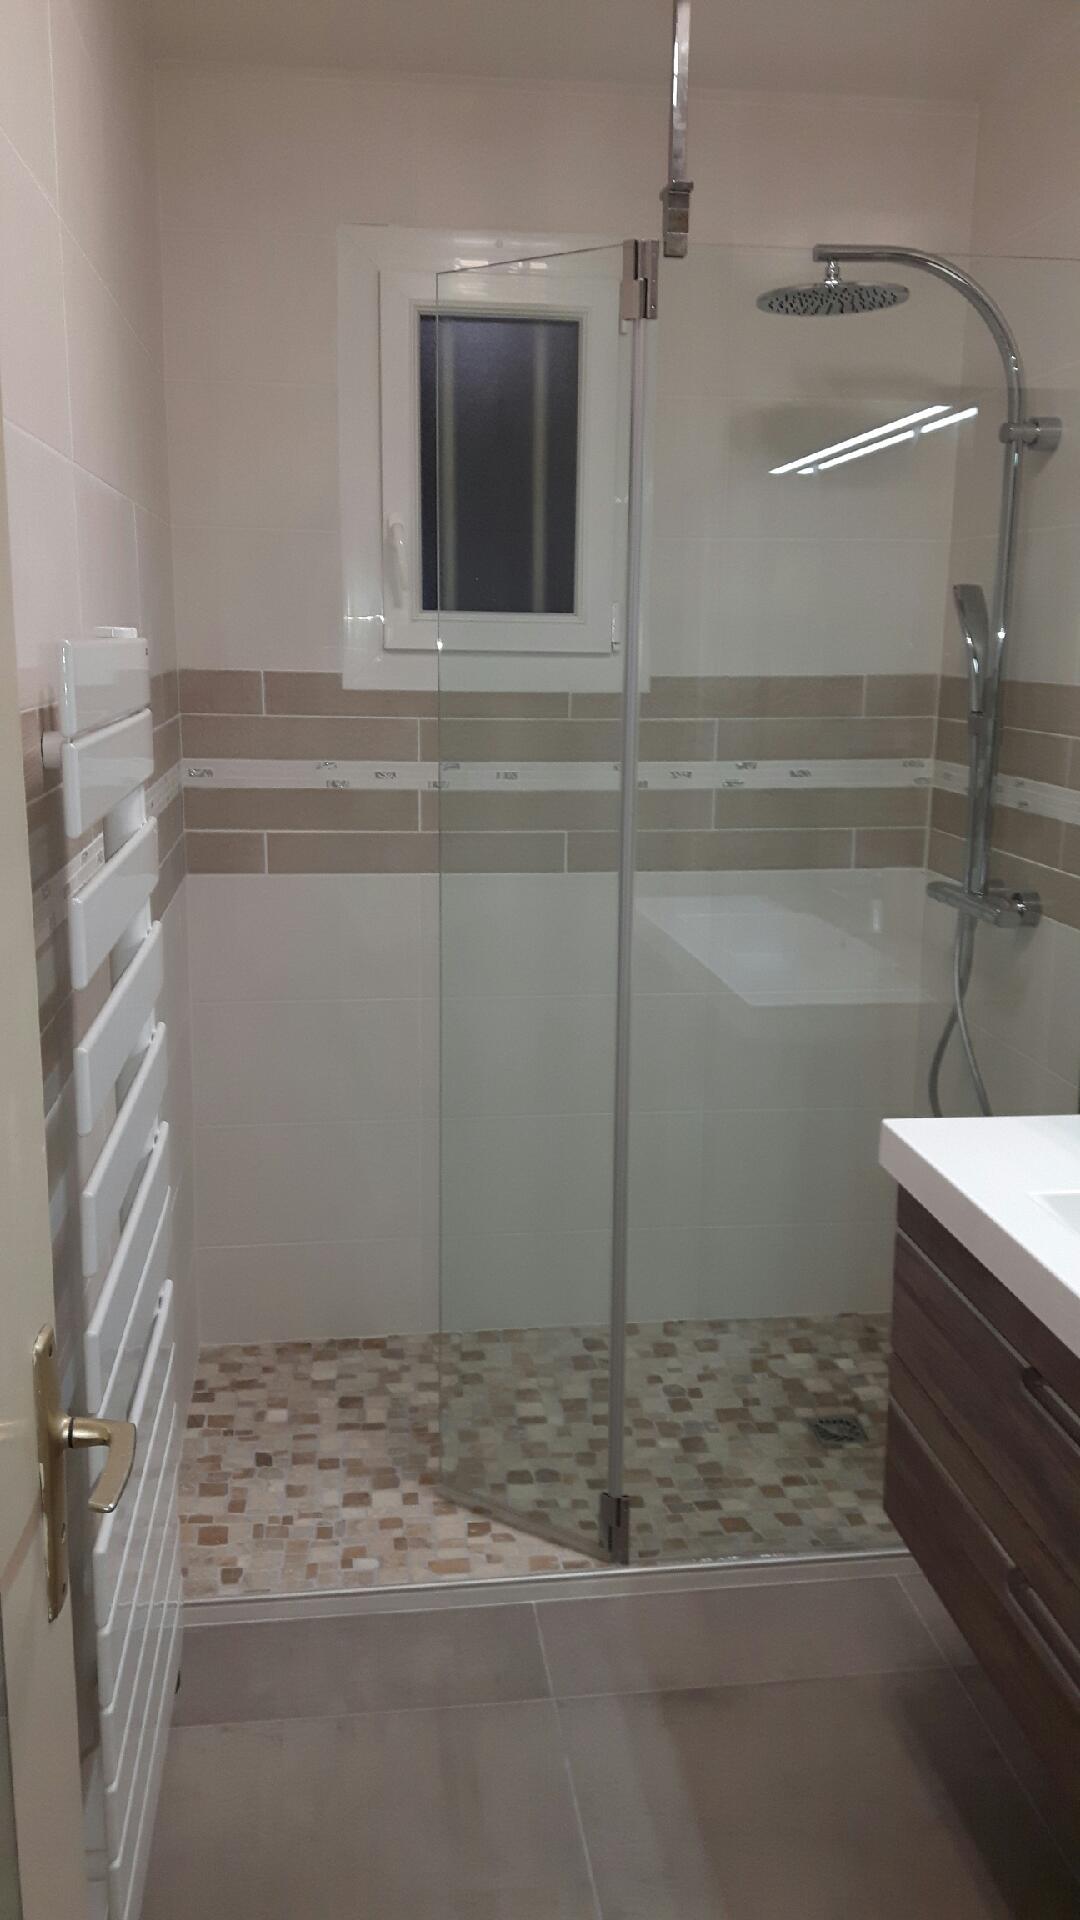 Carrelage et installation d'une douche